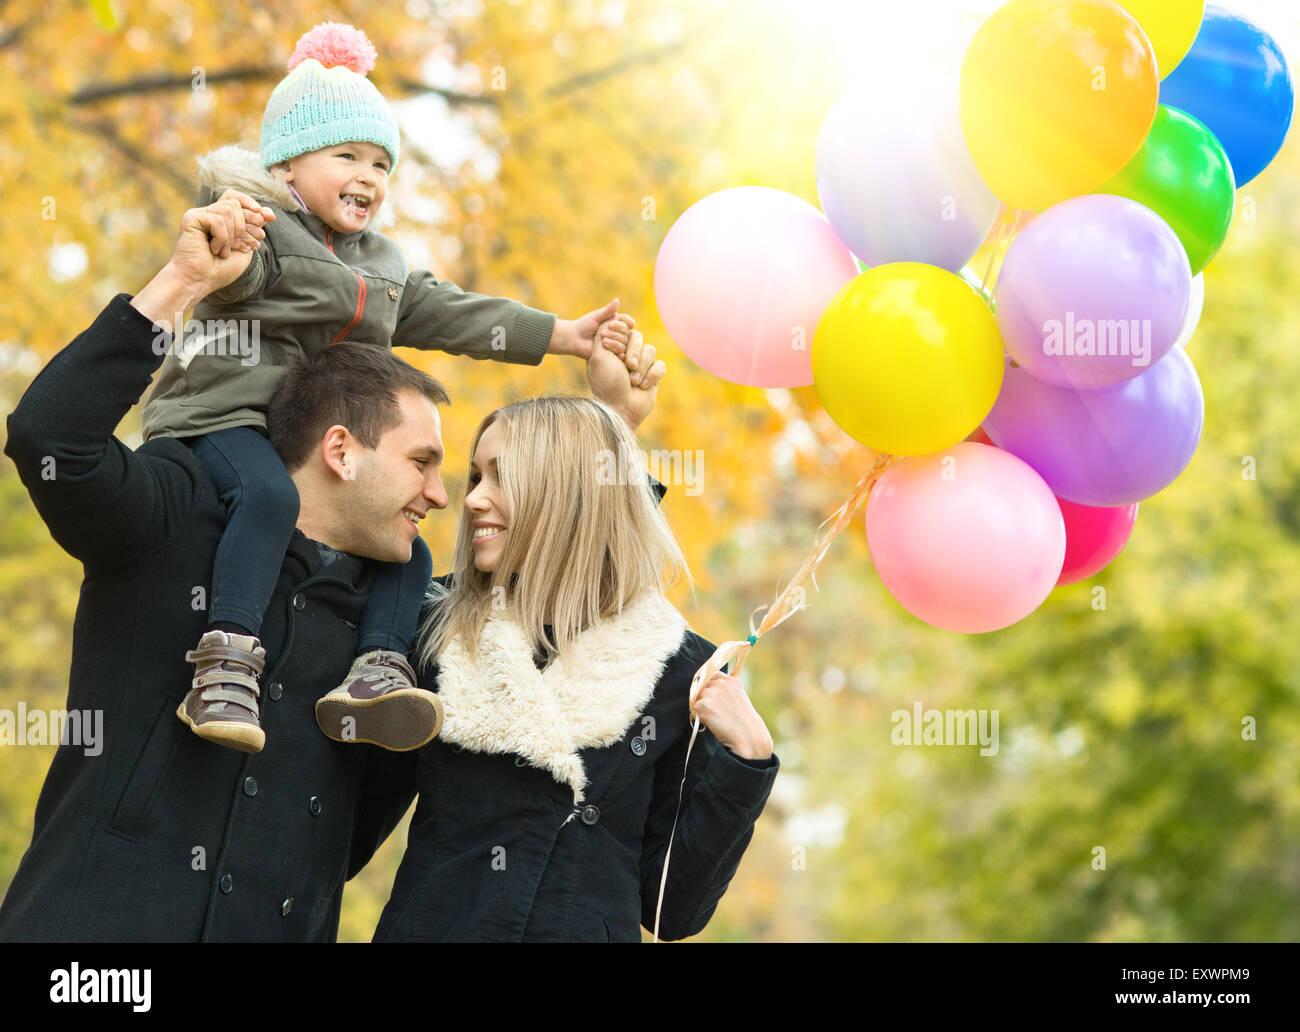 Felice famiglia con bambino e aria-palloncini, gita in autunno park Immagini Stock